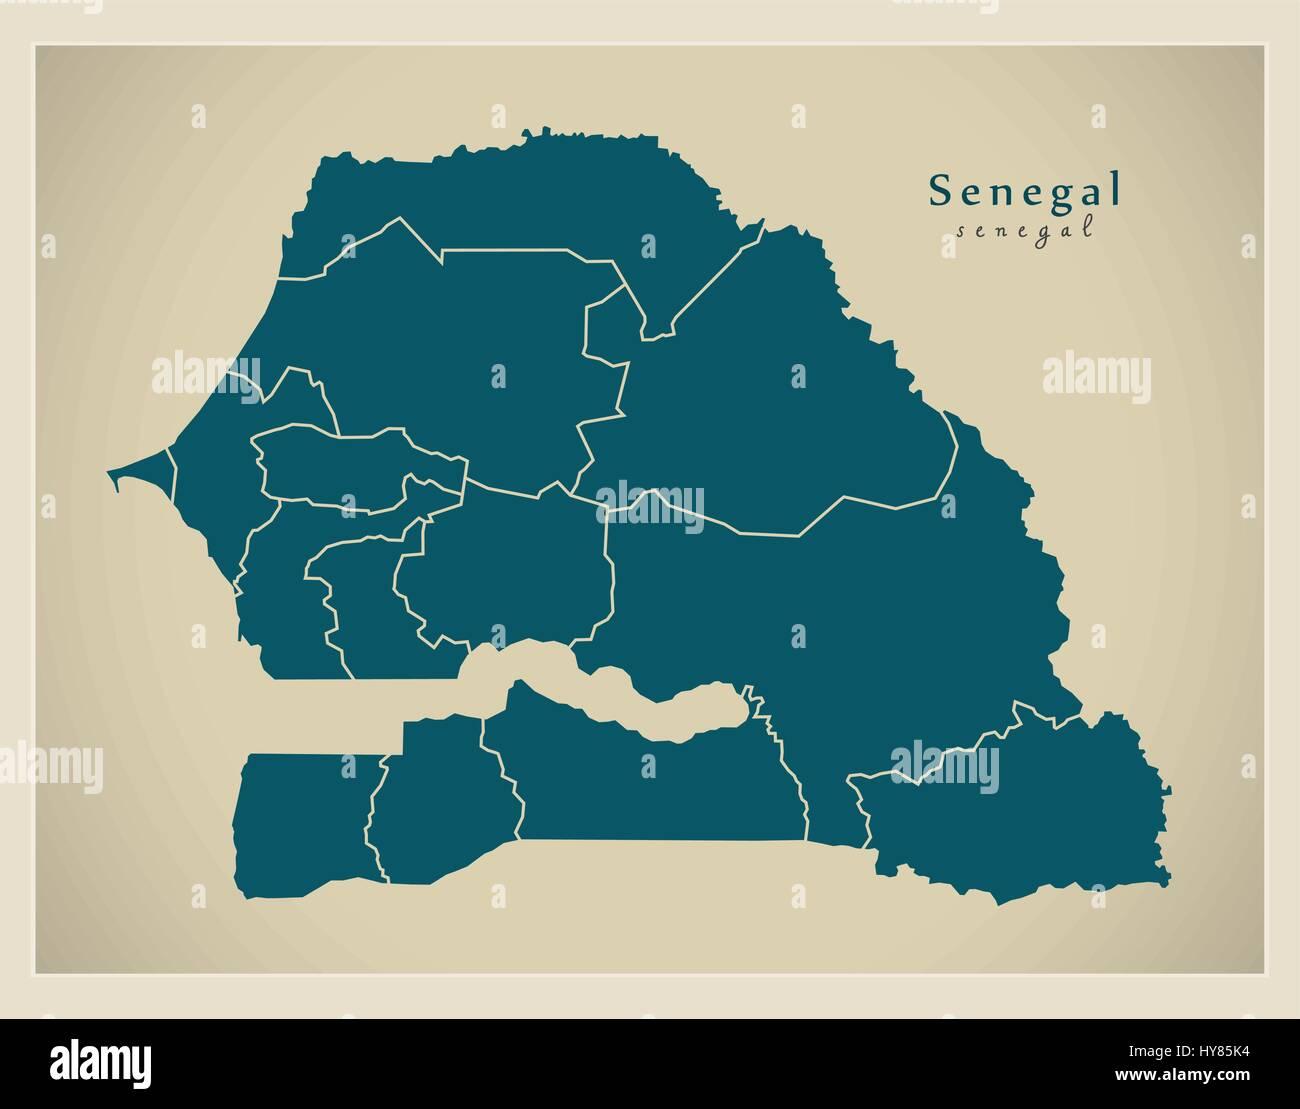 Carte Moderne Senegal Avec Les Regions Sn Image Vectorielle Stock Alamy